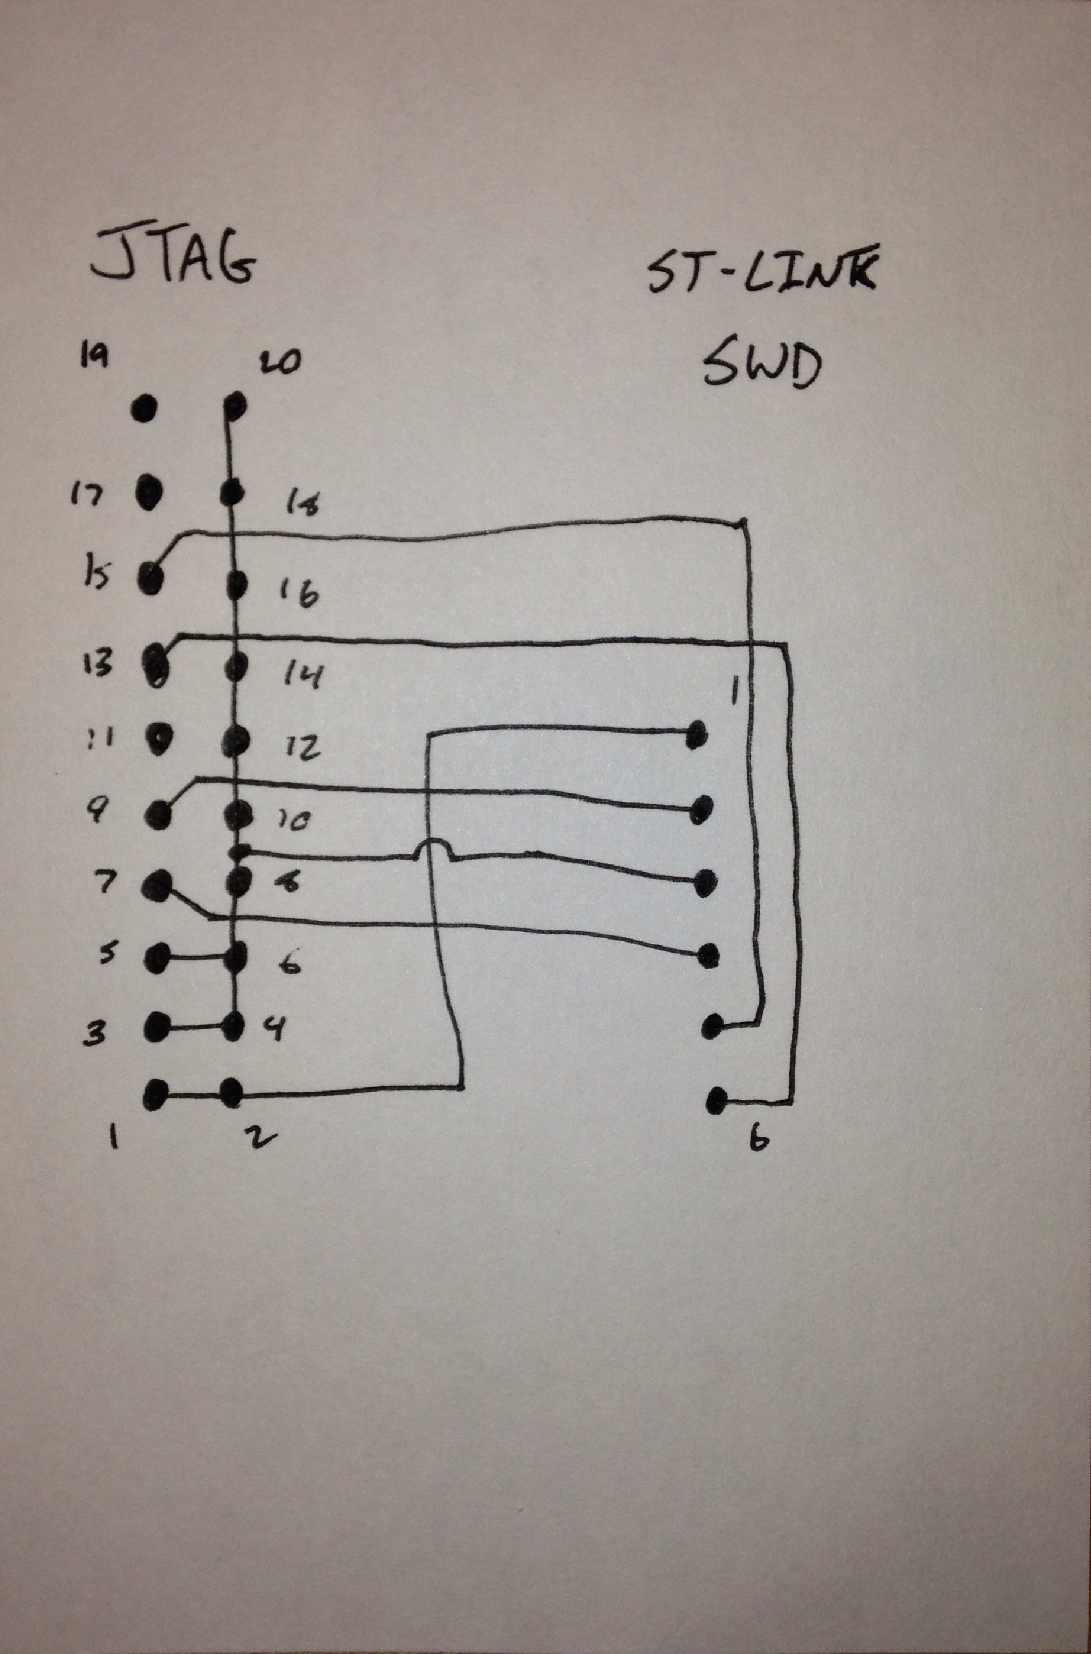 ST-Link/V2 SWD-JTAG Adapter – alexw on